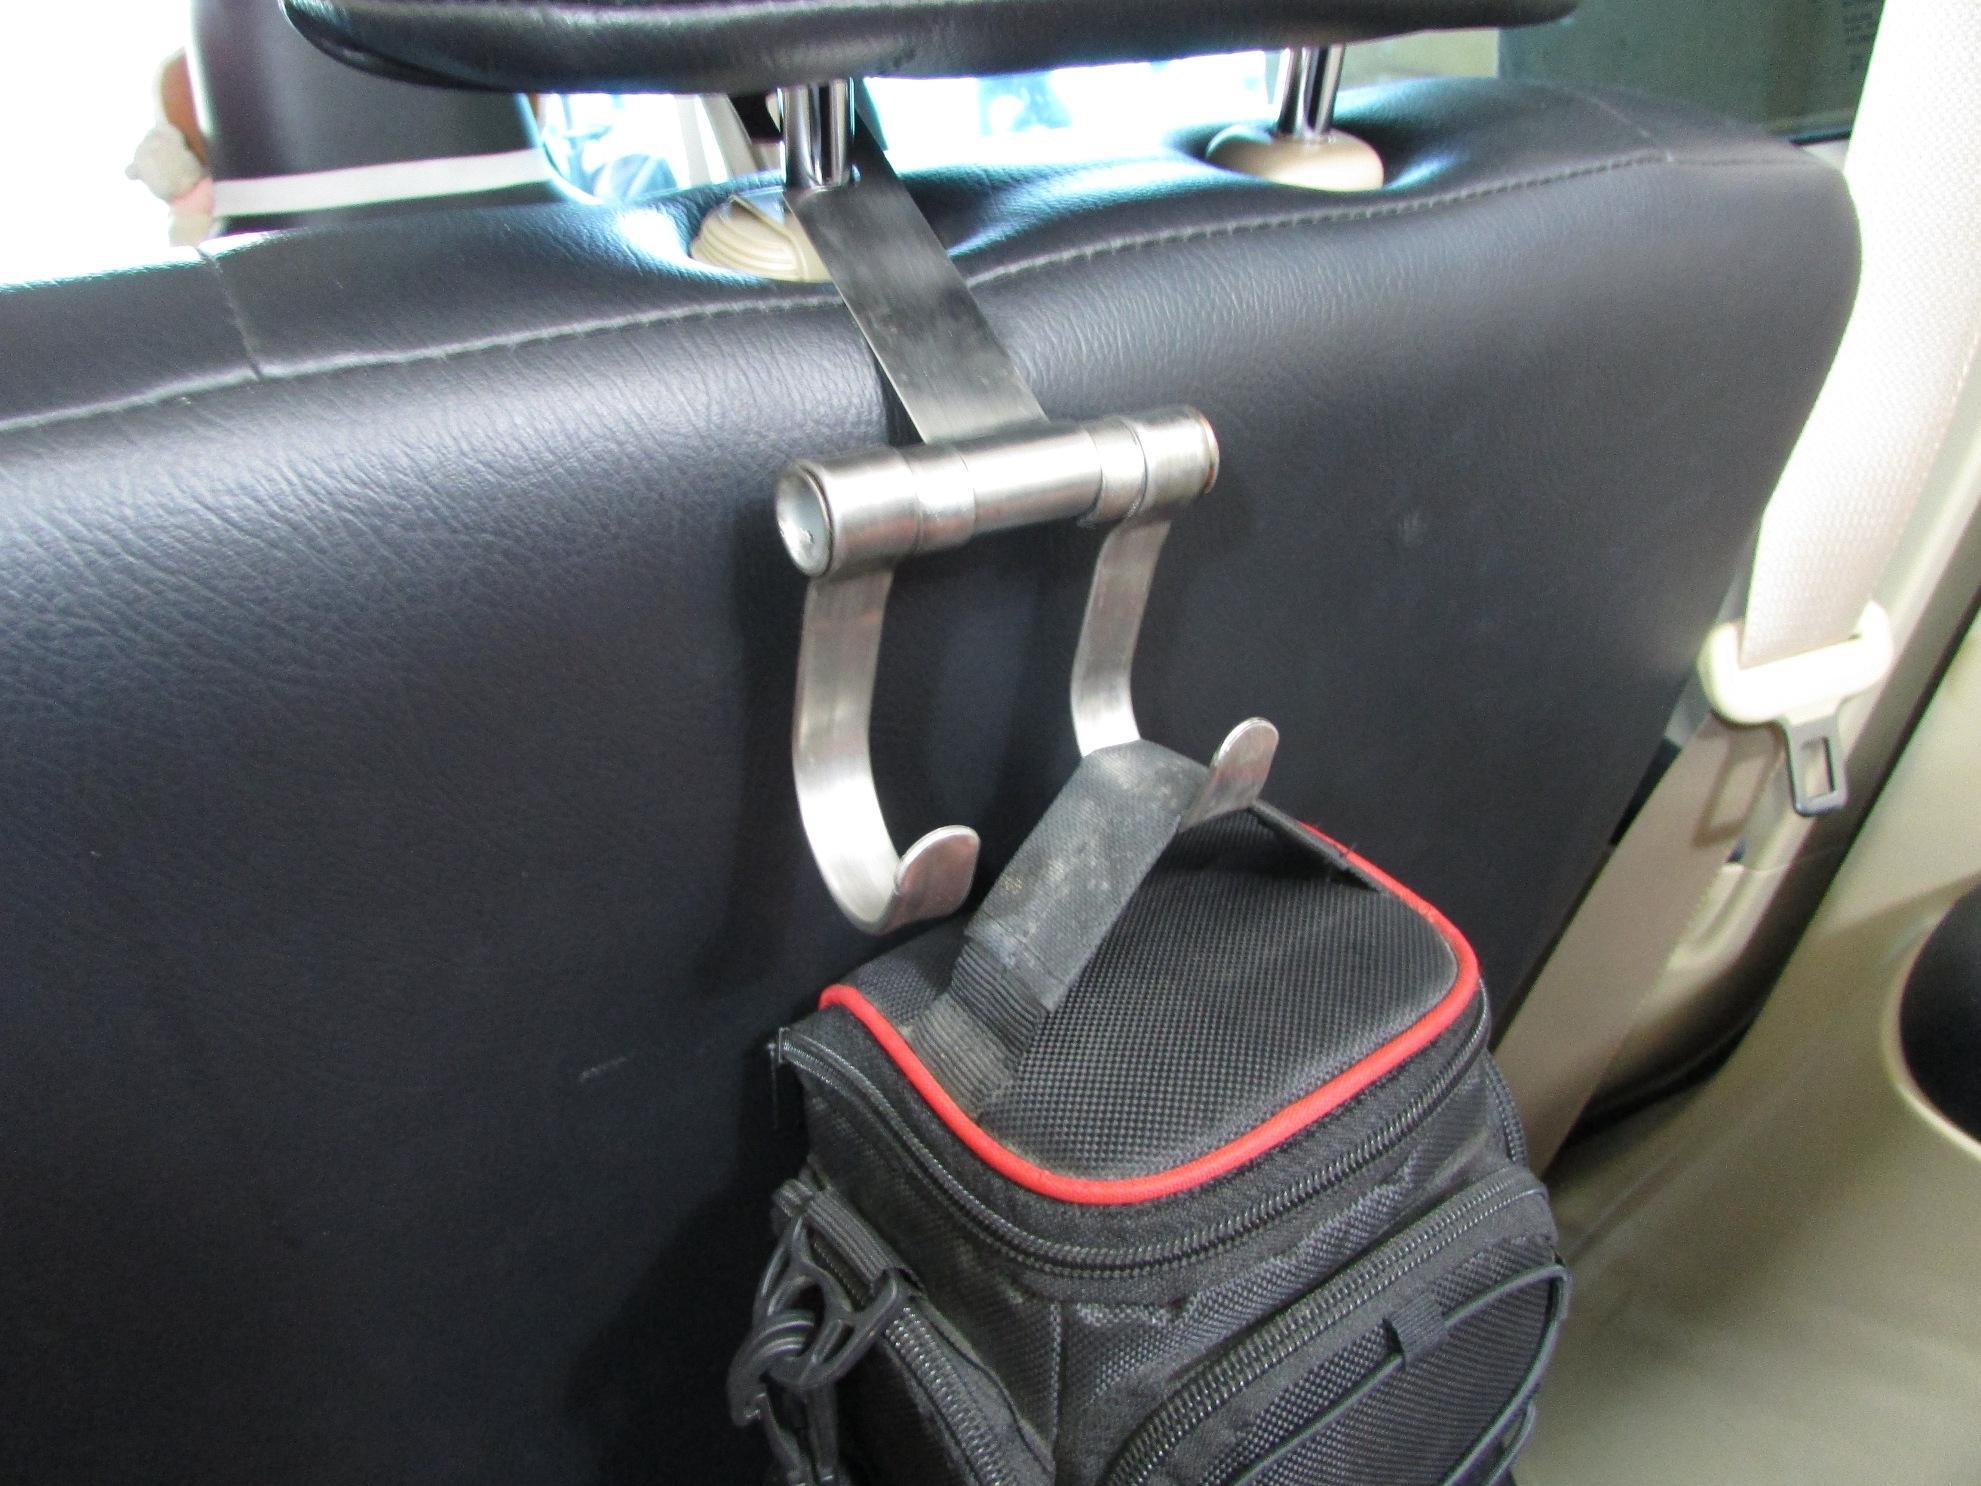 Sehingga barang di dalam mobil lebih rapi dan tidak berantakan. Produk universal hanger ini bisa digunakan / cocok pada semua merek dan jenis mobil.